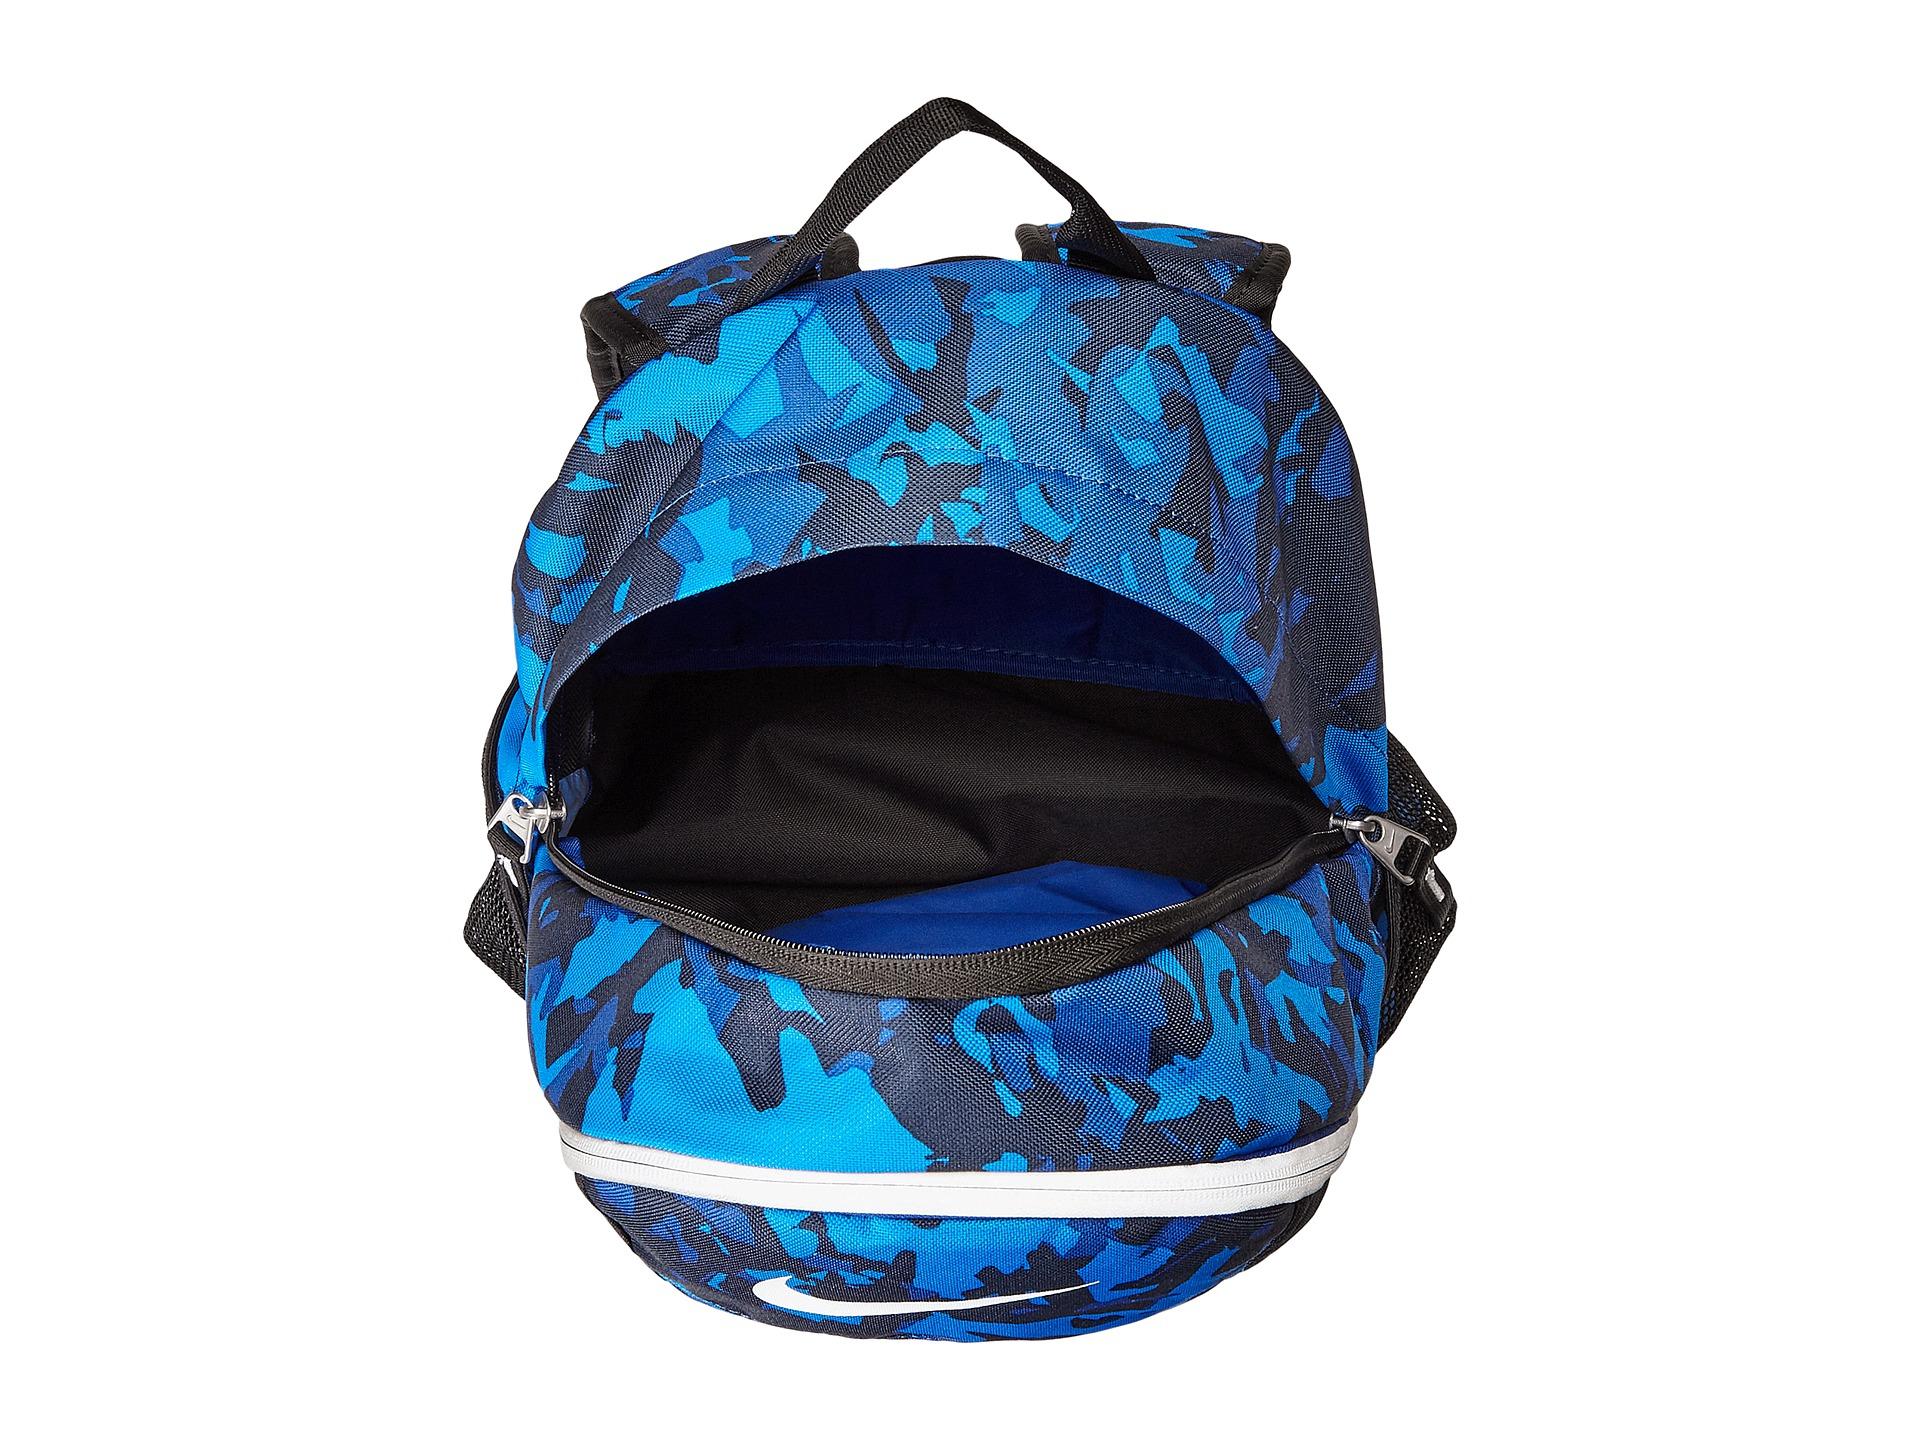 Nike Bag Rn 56323 Peru Gustoso